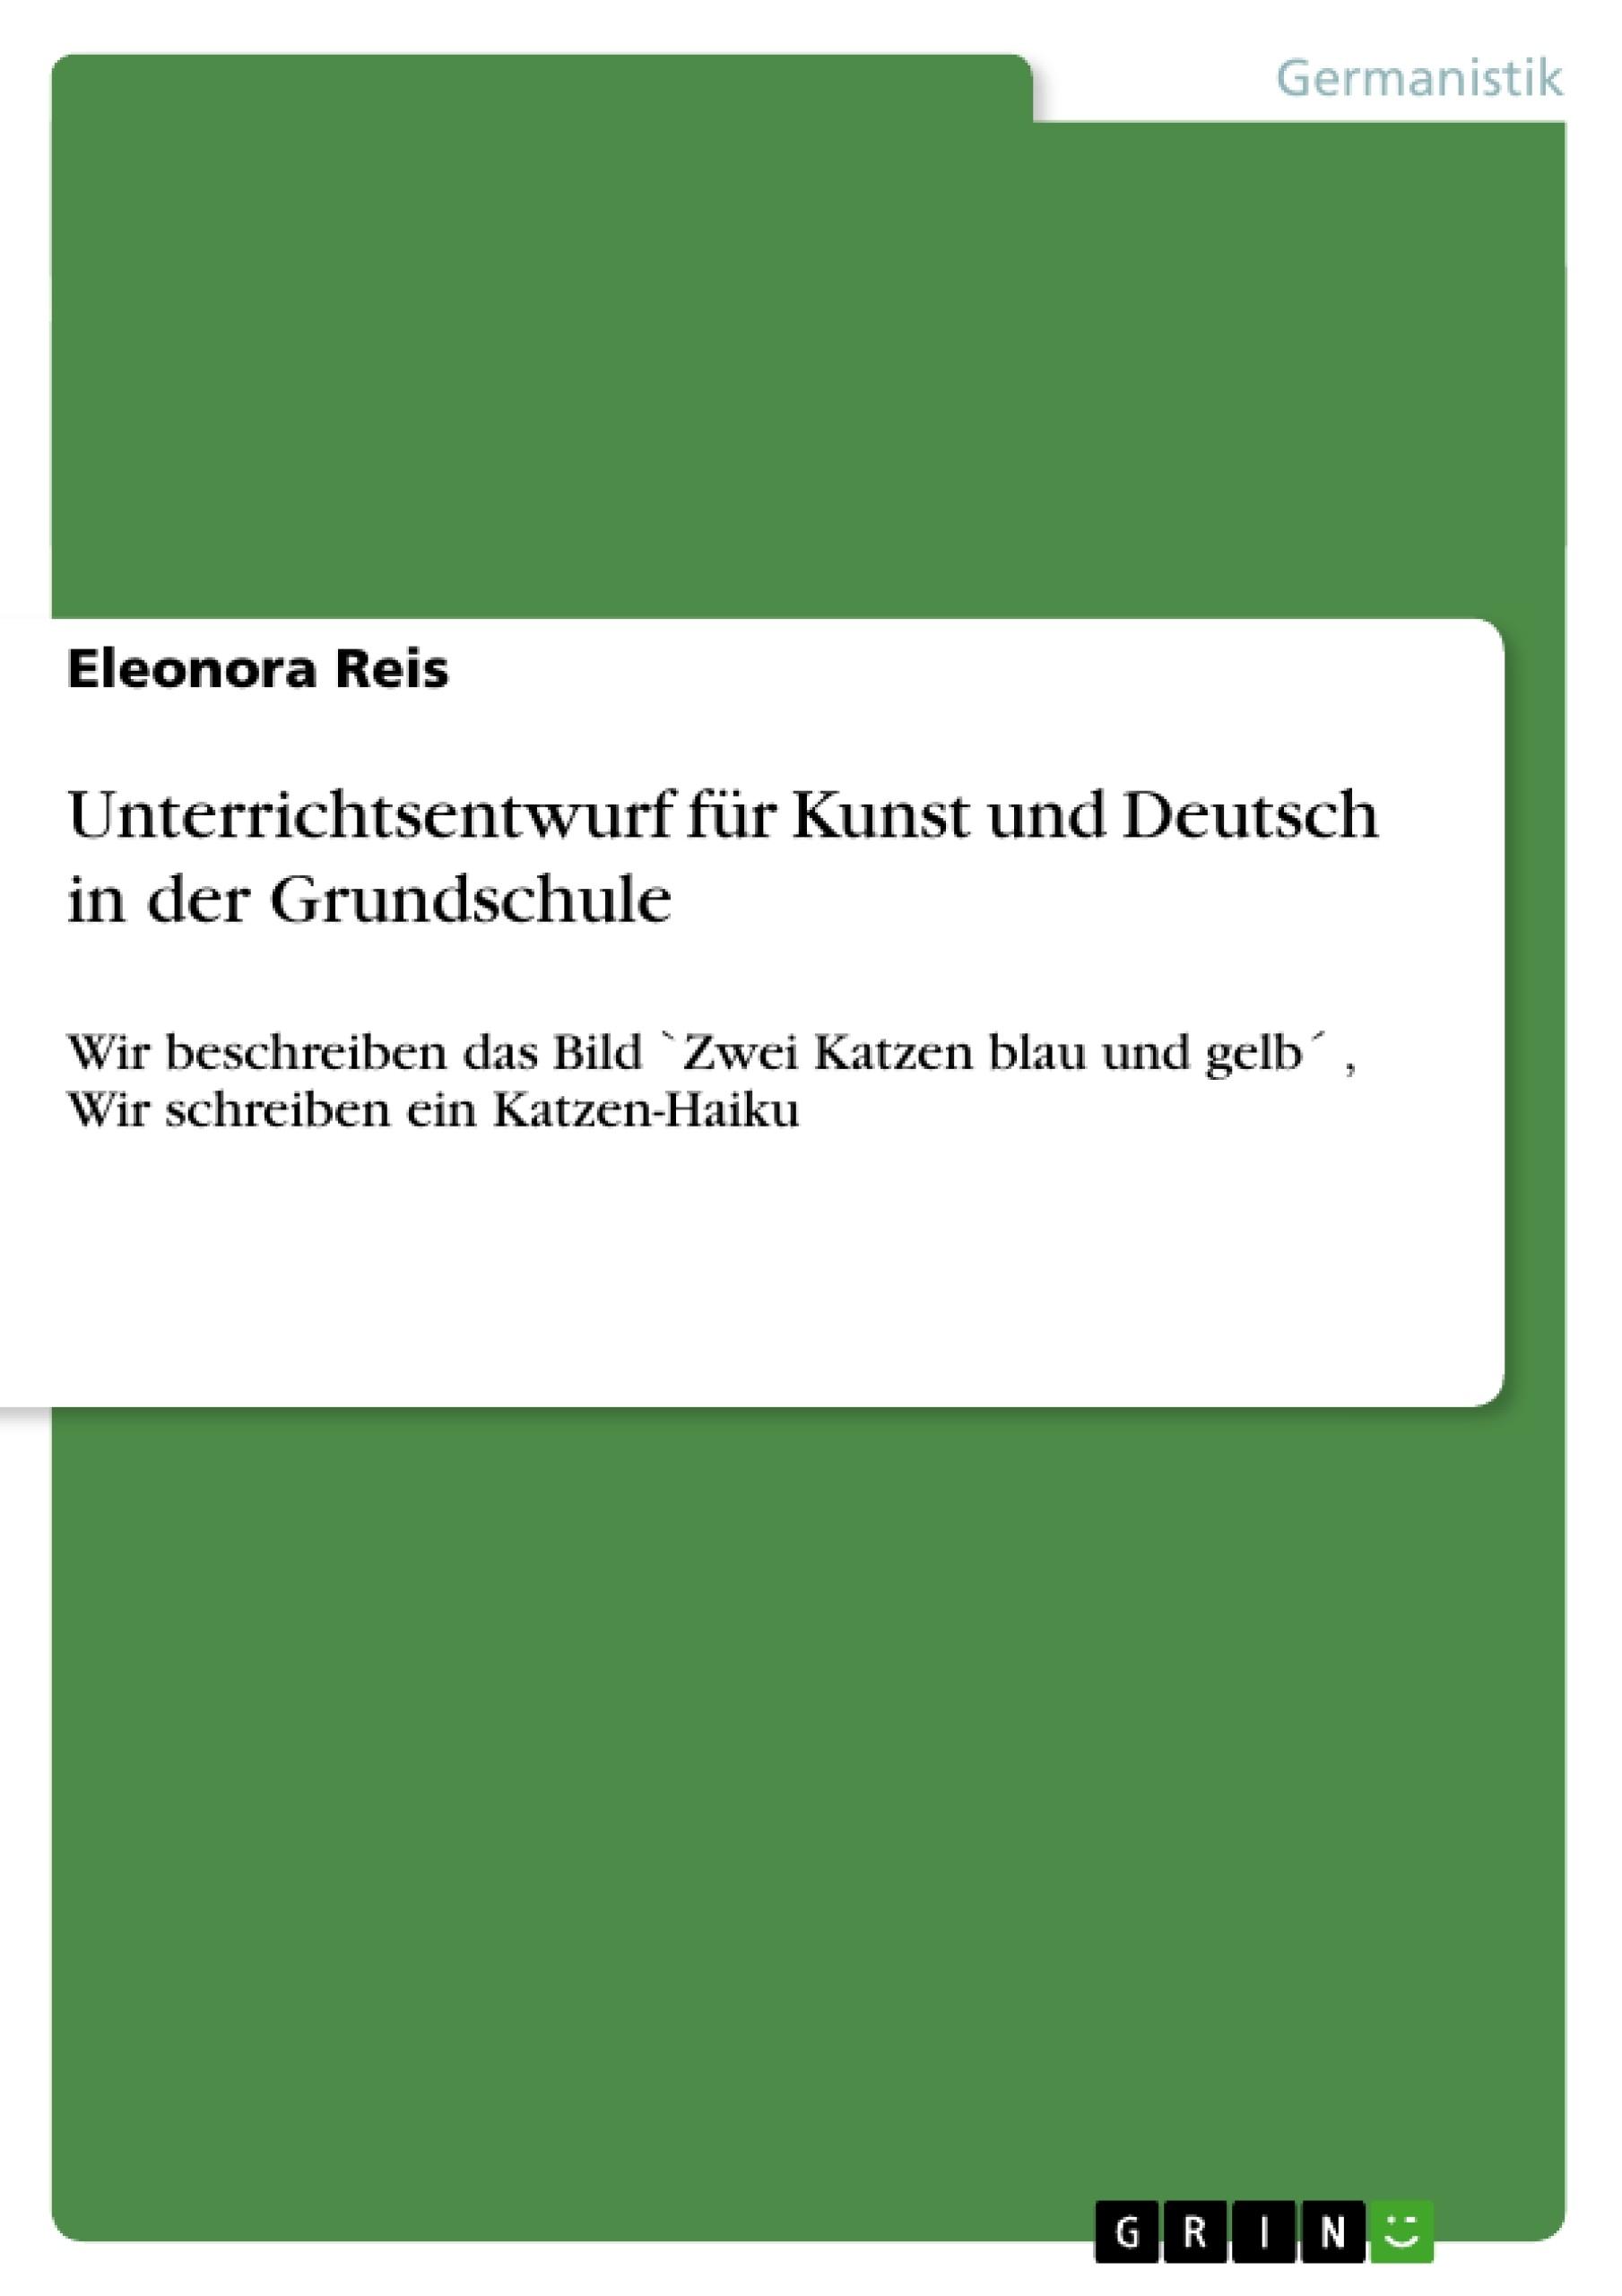 Titel: Unterrichtsentwurf für Kunst und Deutsch in der Grundschule